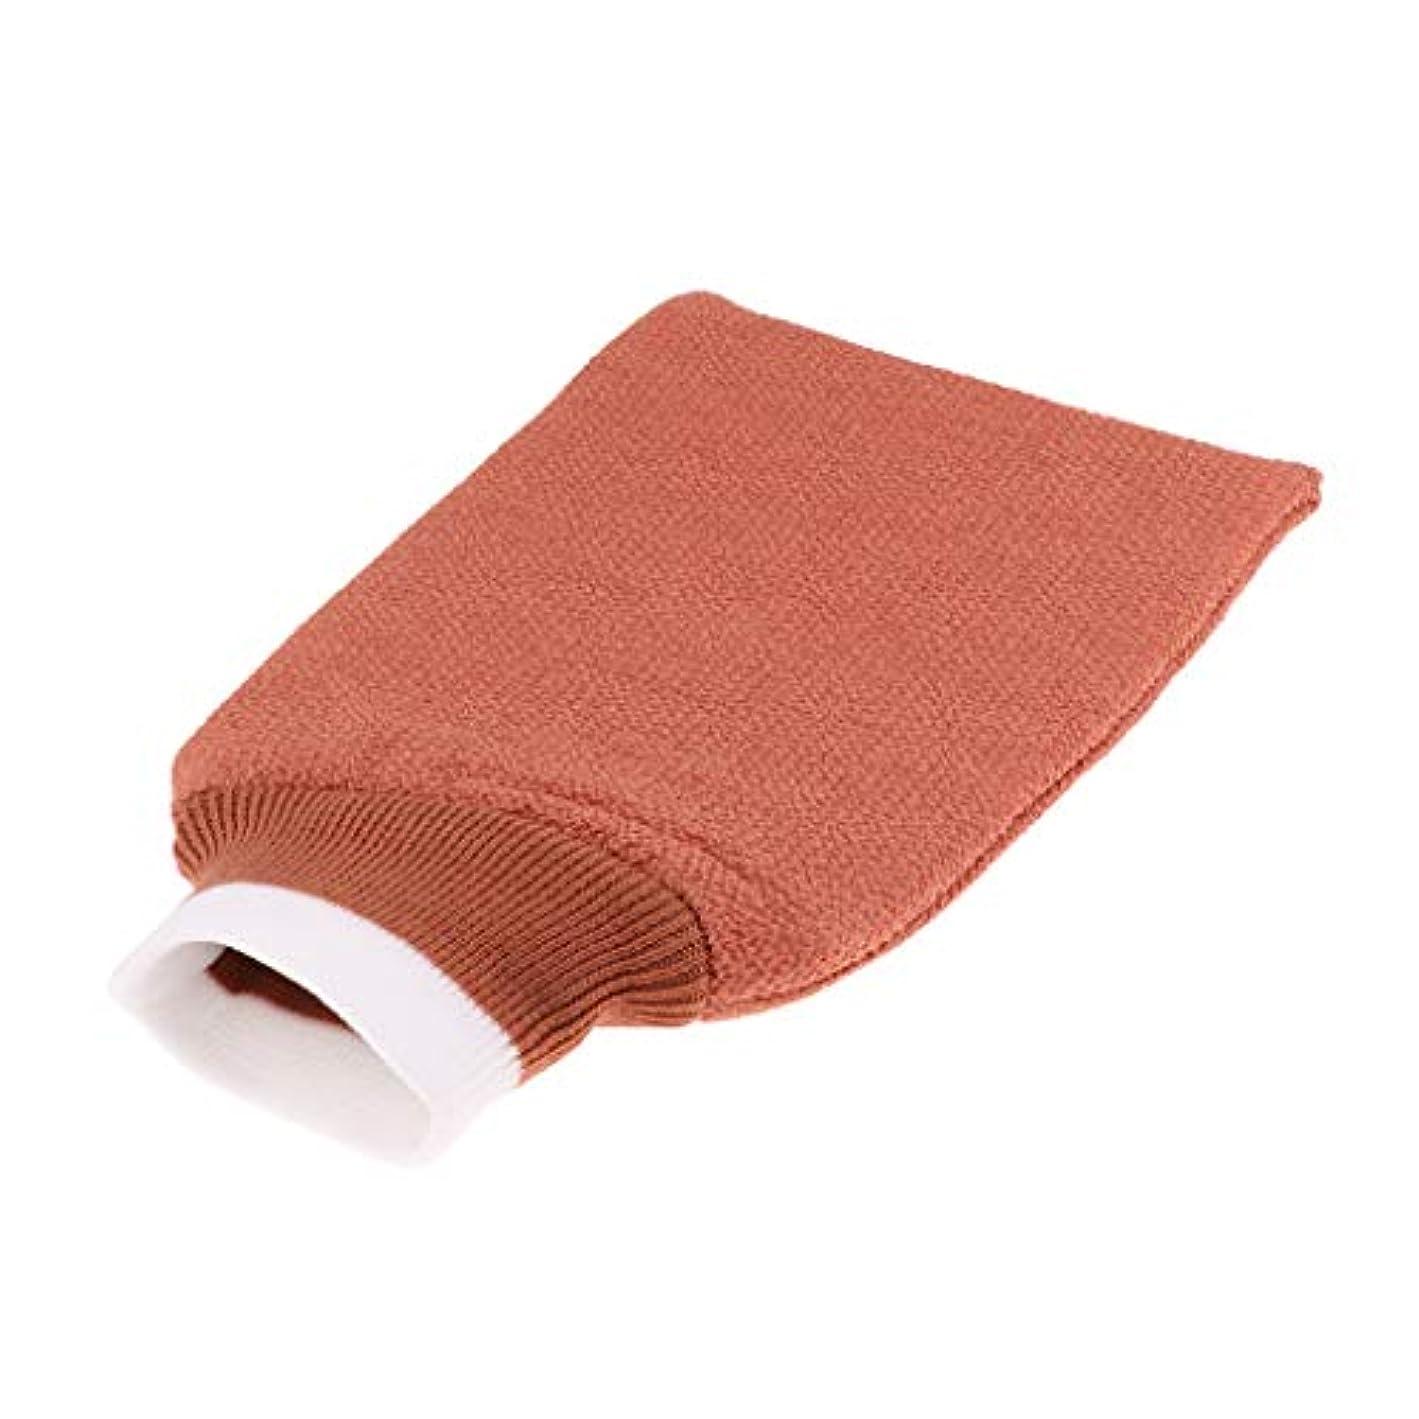 首相実際に人気バスグローブ 浴用手袋 シャワー用 バスミット 垢すり手袋 毛穴清潔 角質除去 男女兼用 全3色 - シャンパン